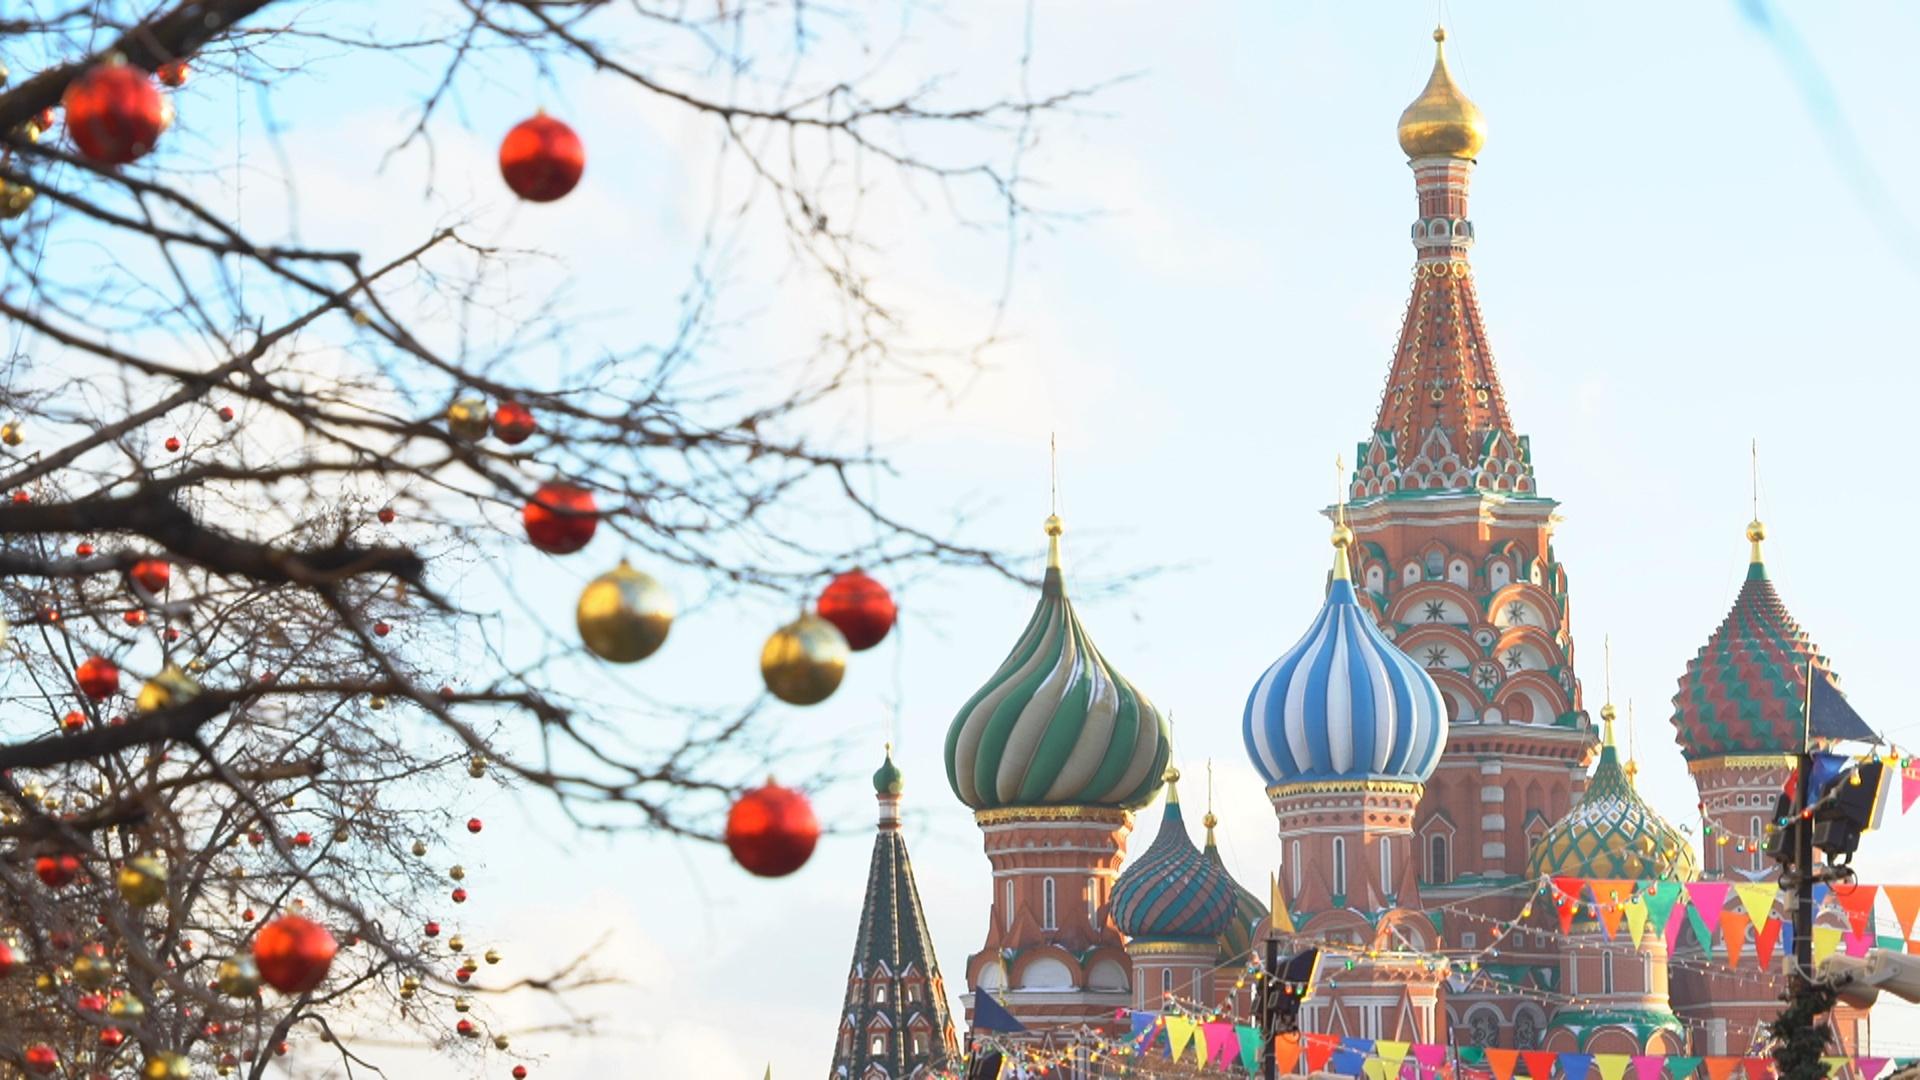 Курс валют в России: прогнозы экспертов на 2017 год